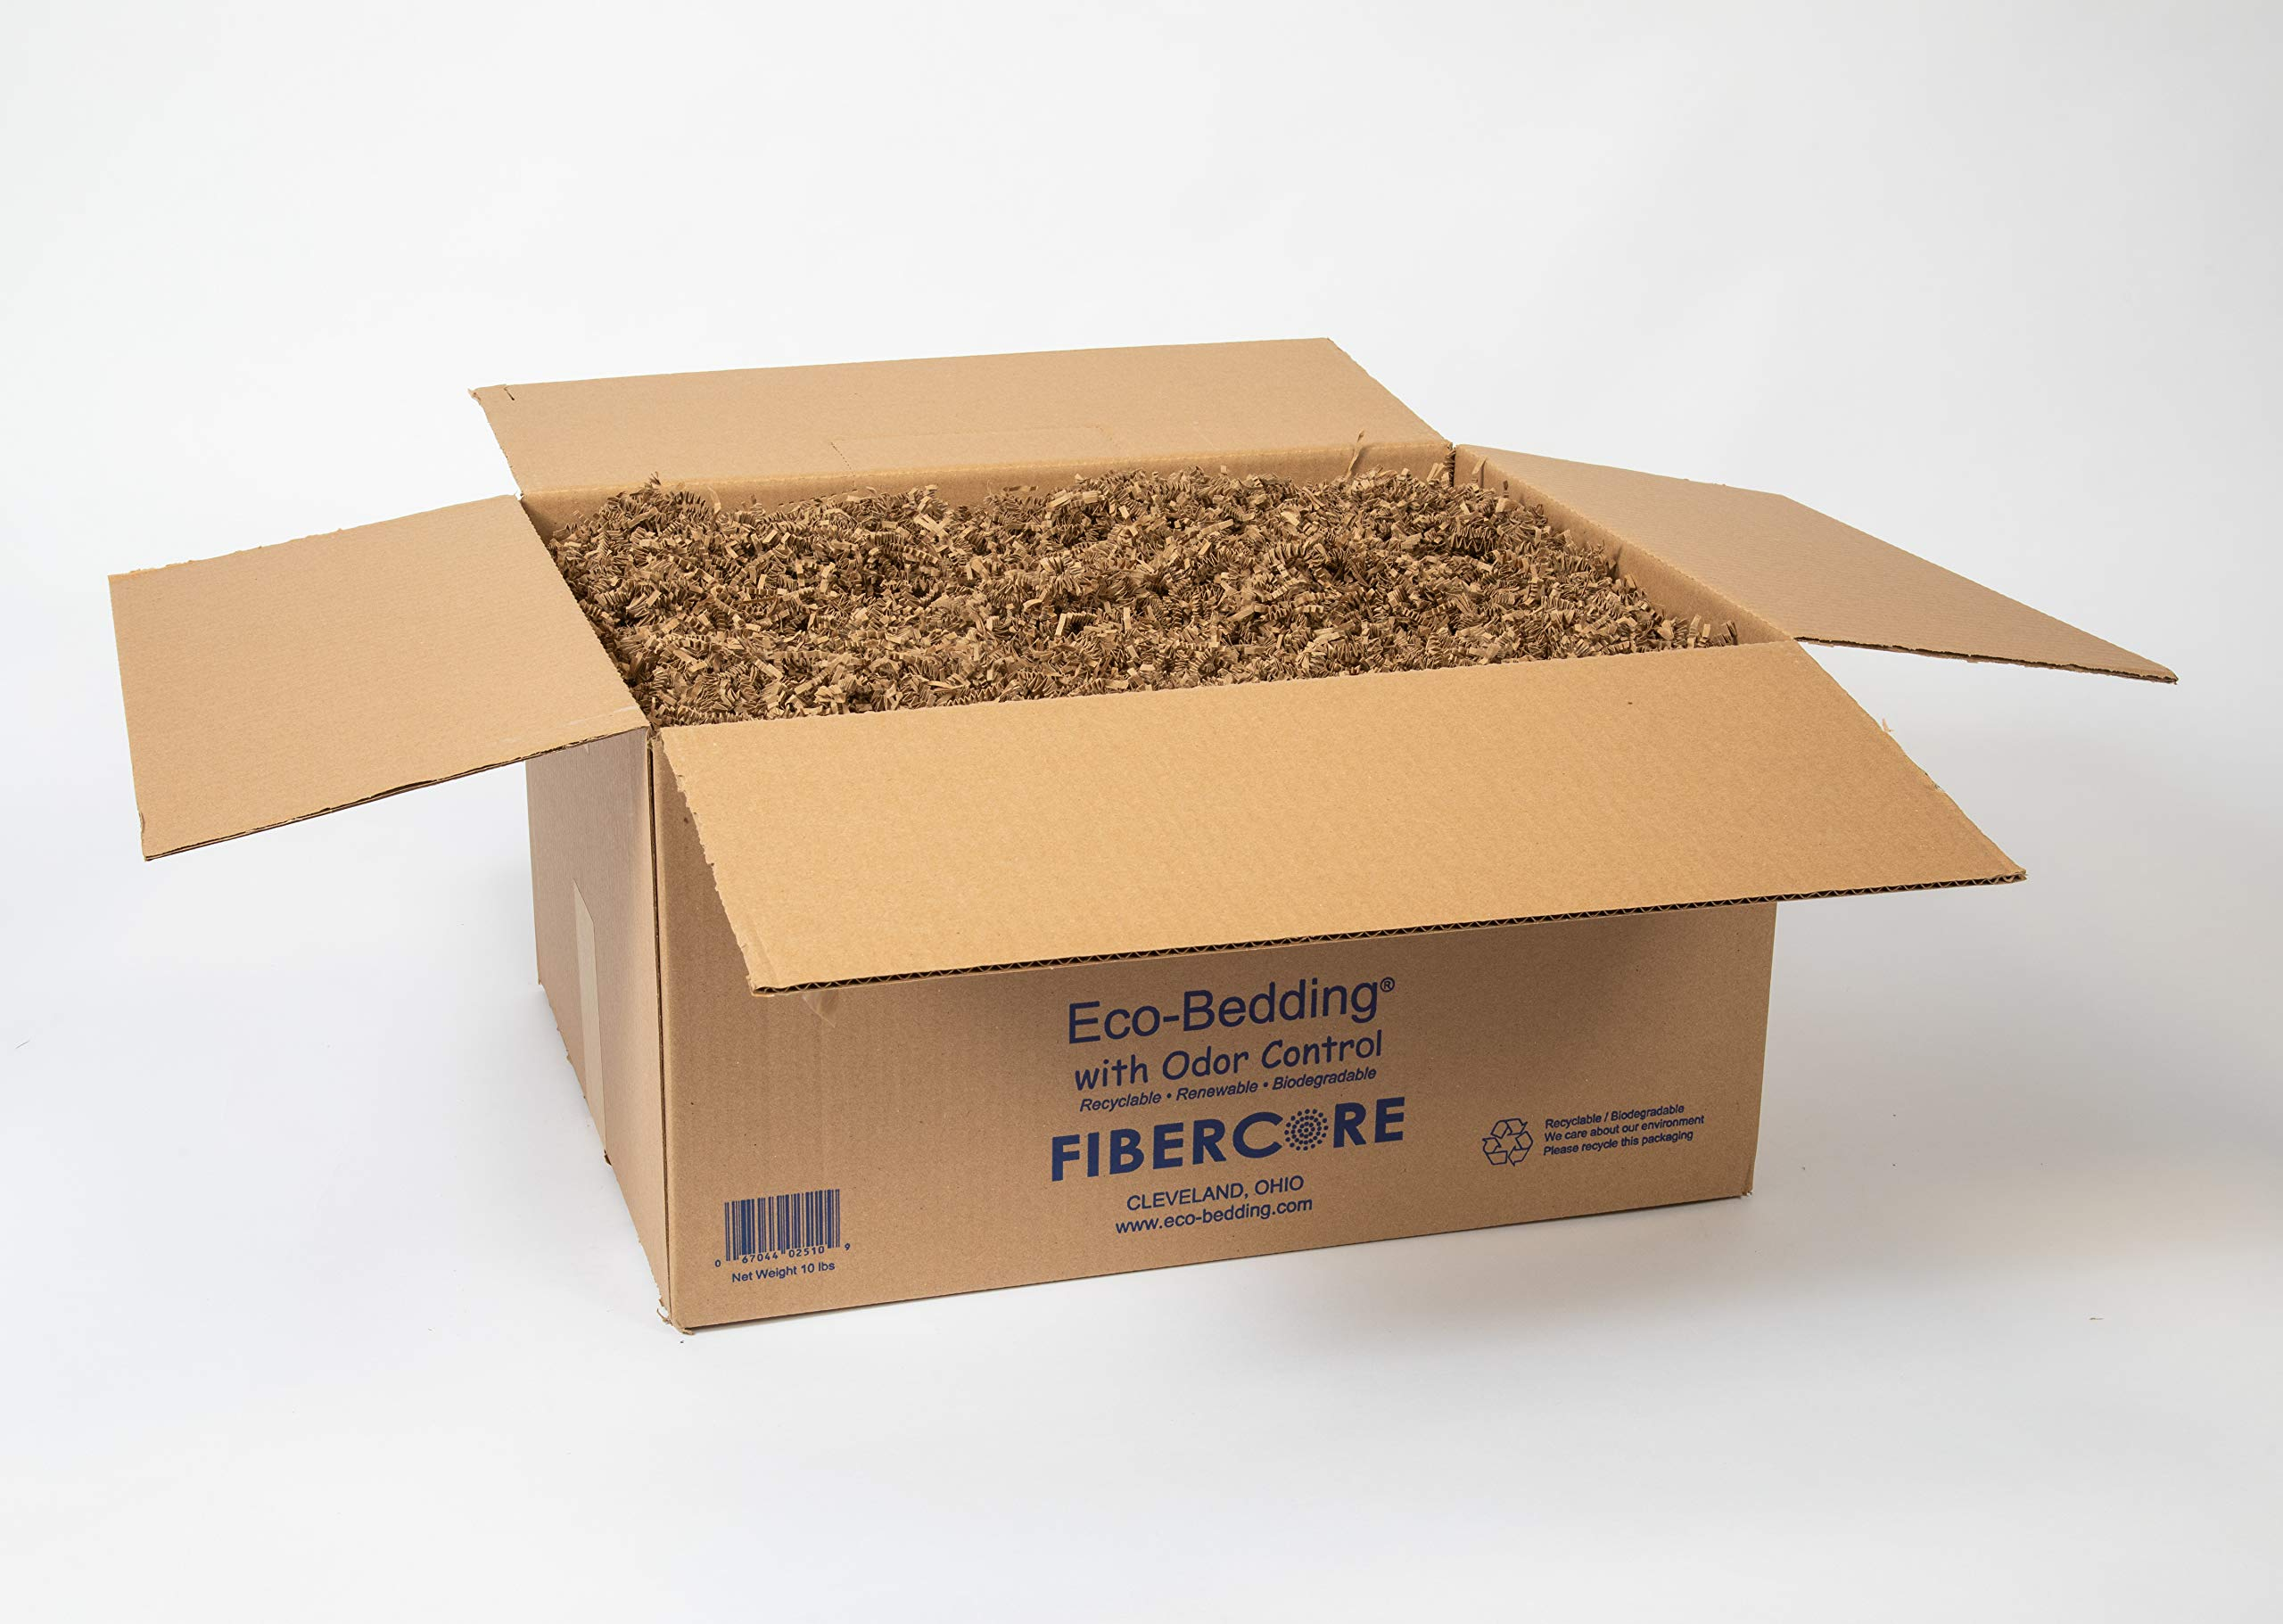 FiberCore Eco-Bedding Odor Control, 10 lb, Box Brown